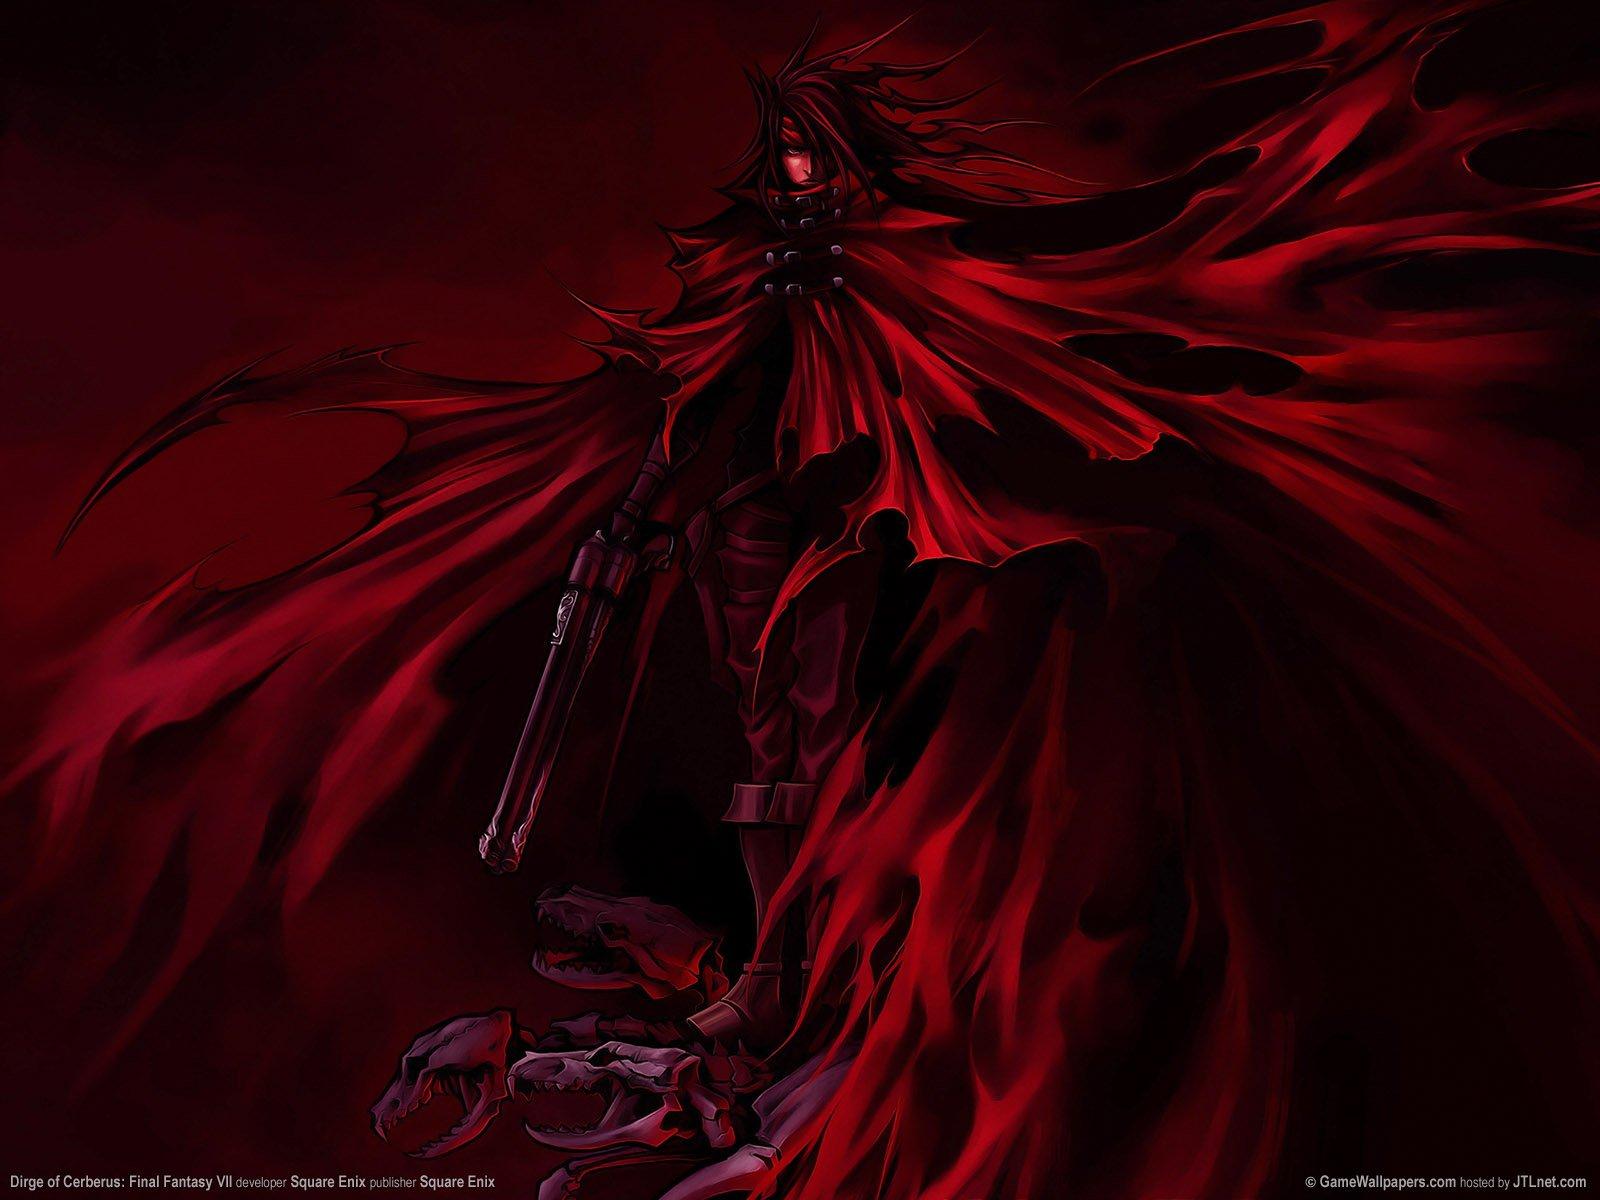 dirge of cerberus final fantasy vii wallpapers - Final Fantasy VII Dirge of Cerberus Official Wallpapers